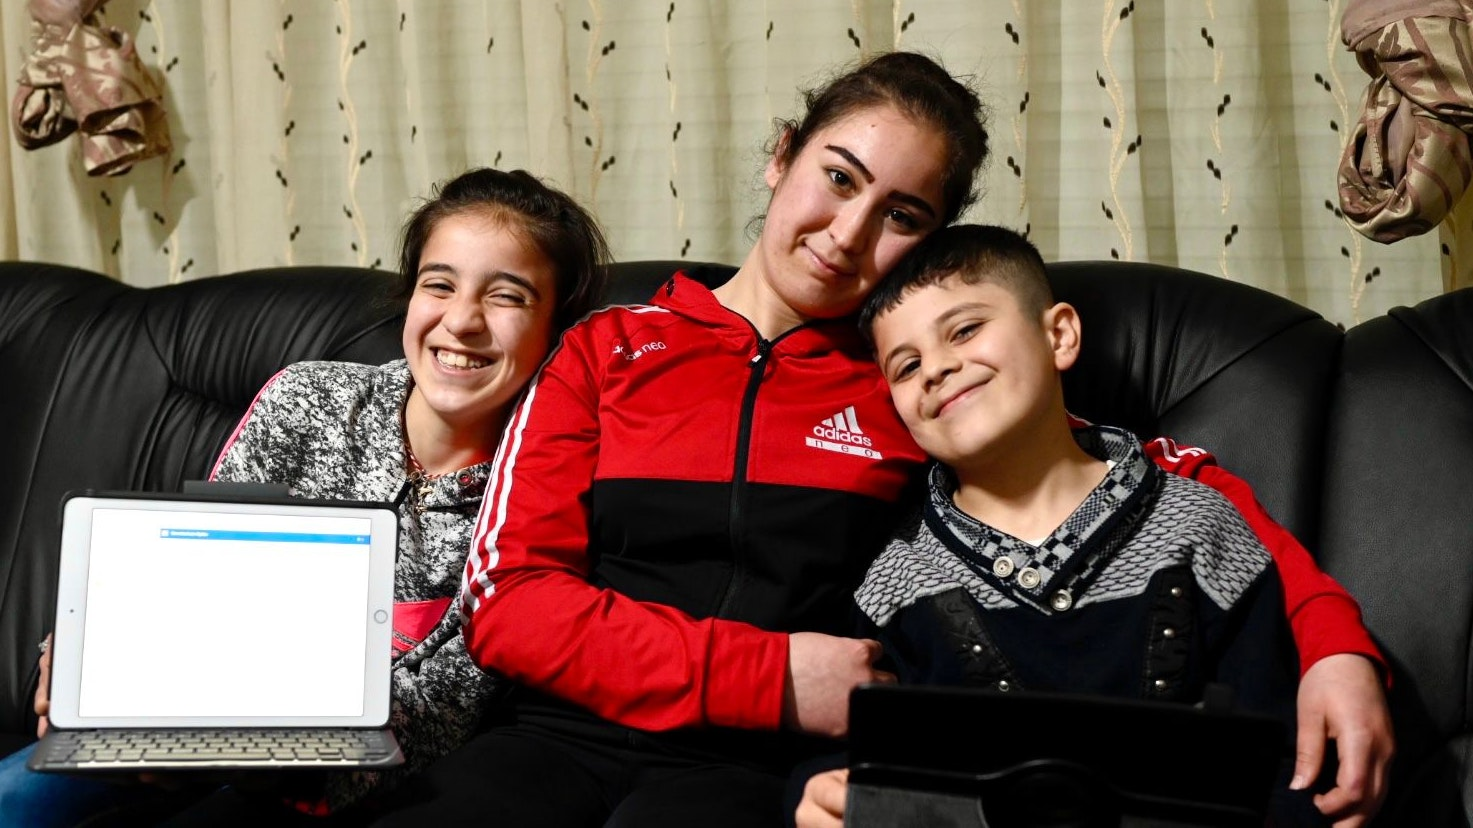 Lernen gern (von links): Die Geschwister Ameerah, Freal und Atheer Bakr. Foto: M. Niehues